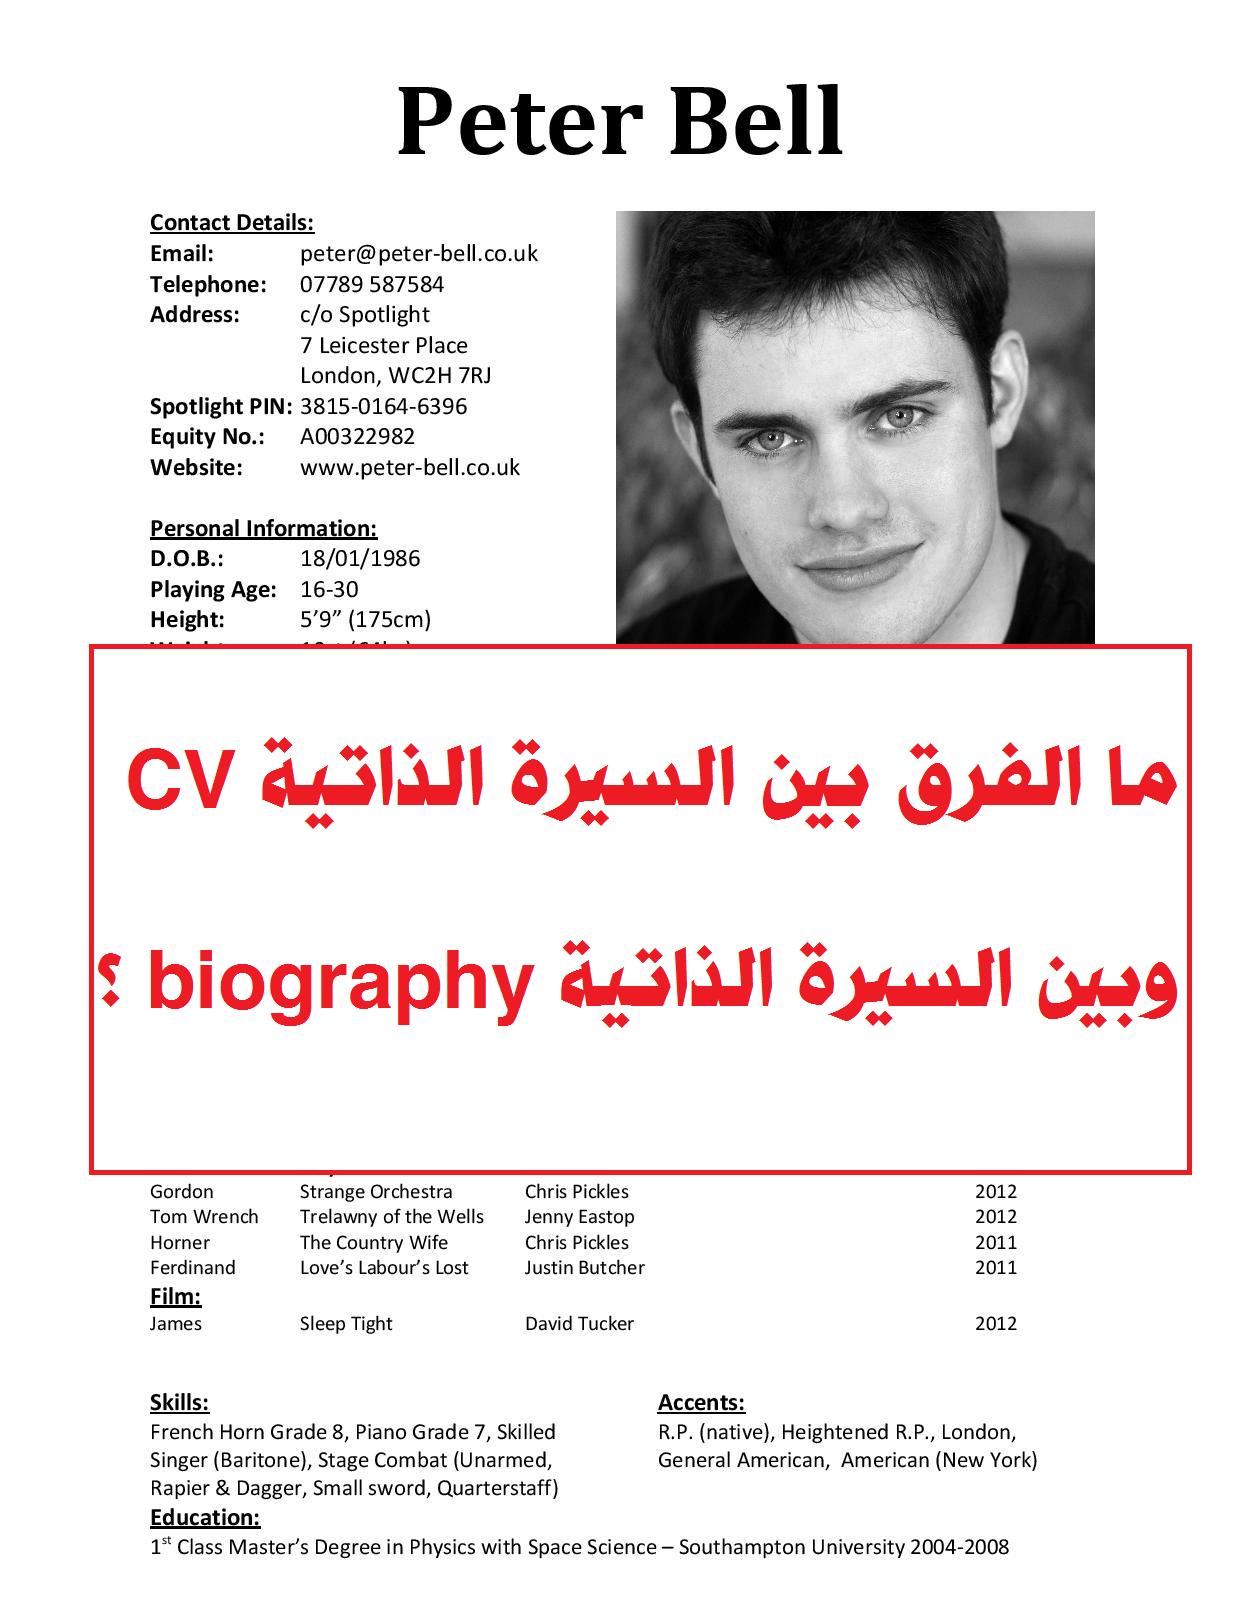 ما الفرق بين السيرة الذاتية CV وبين السيرة الذاتية biography ؟